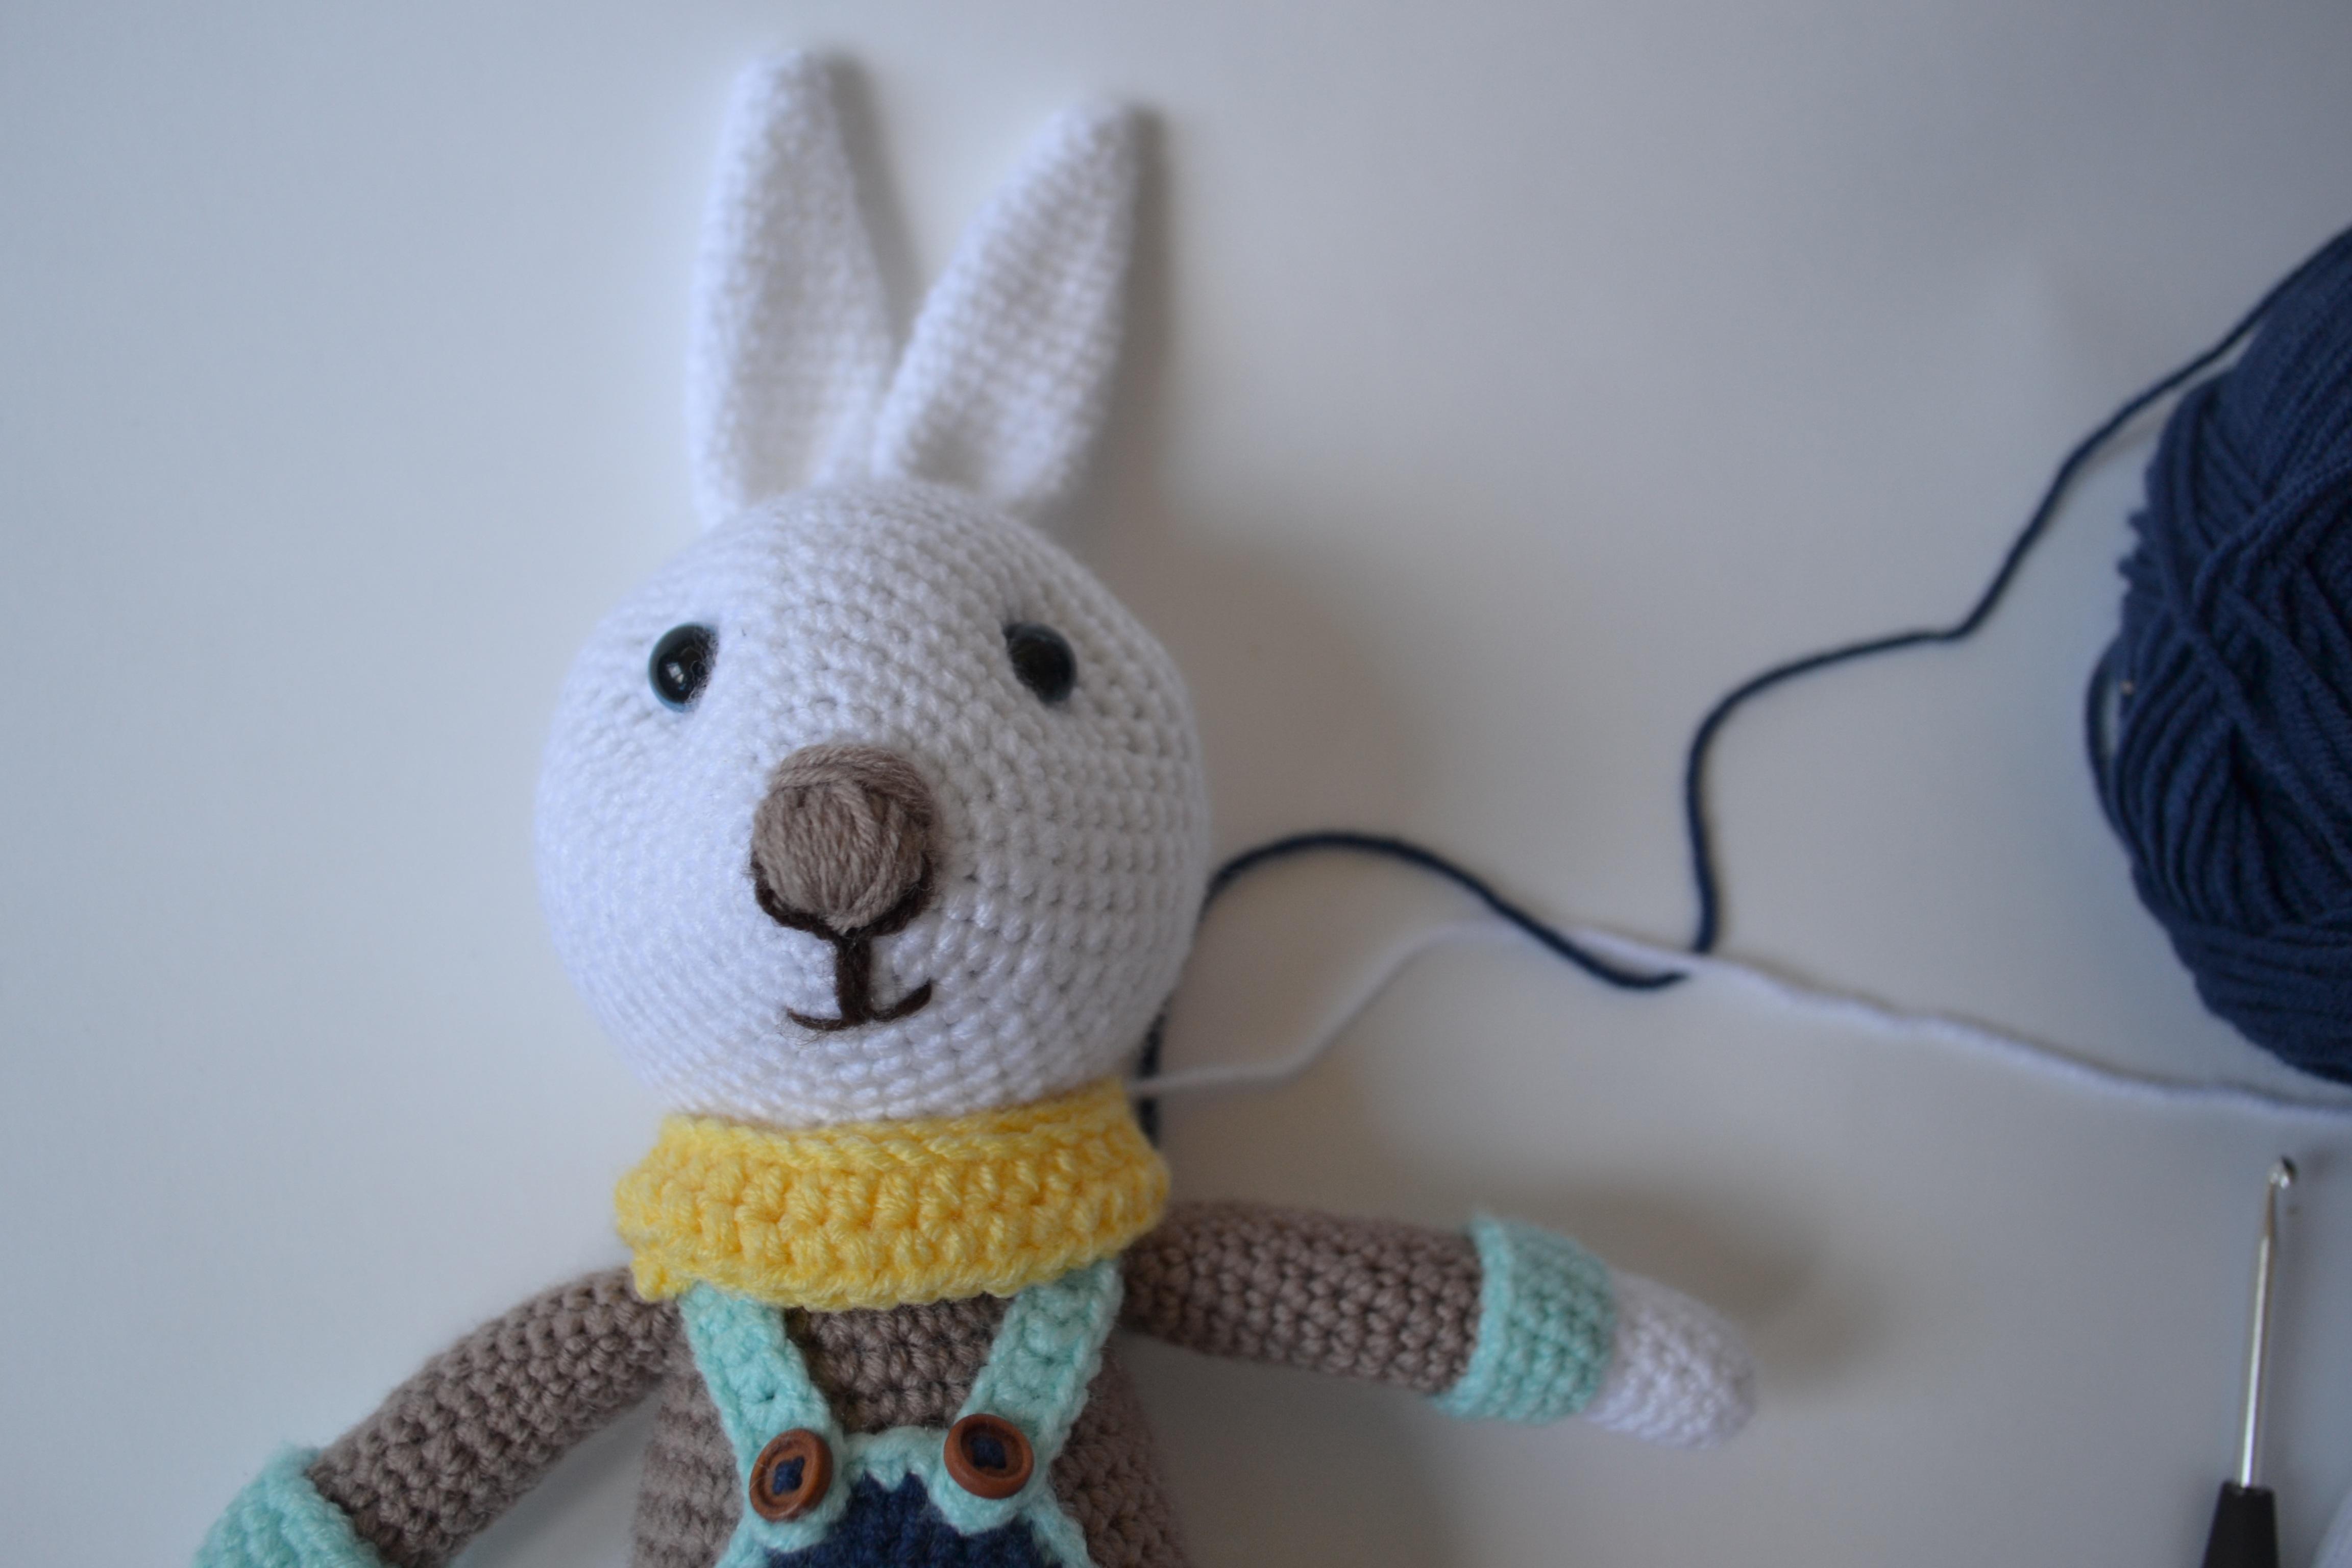 Fotos gratis : juguete, hilo, material, Conejo, producto, tejer ...